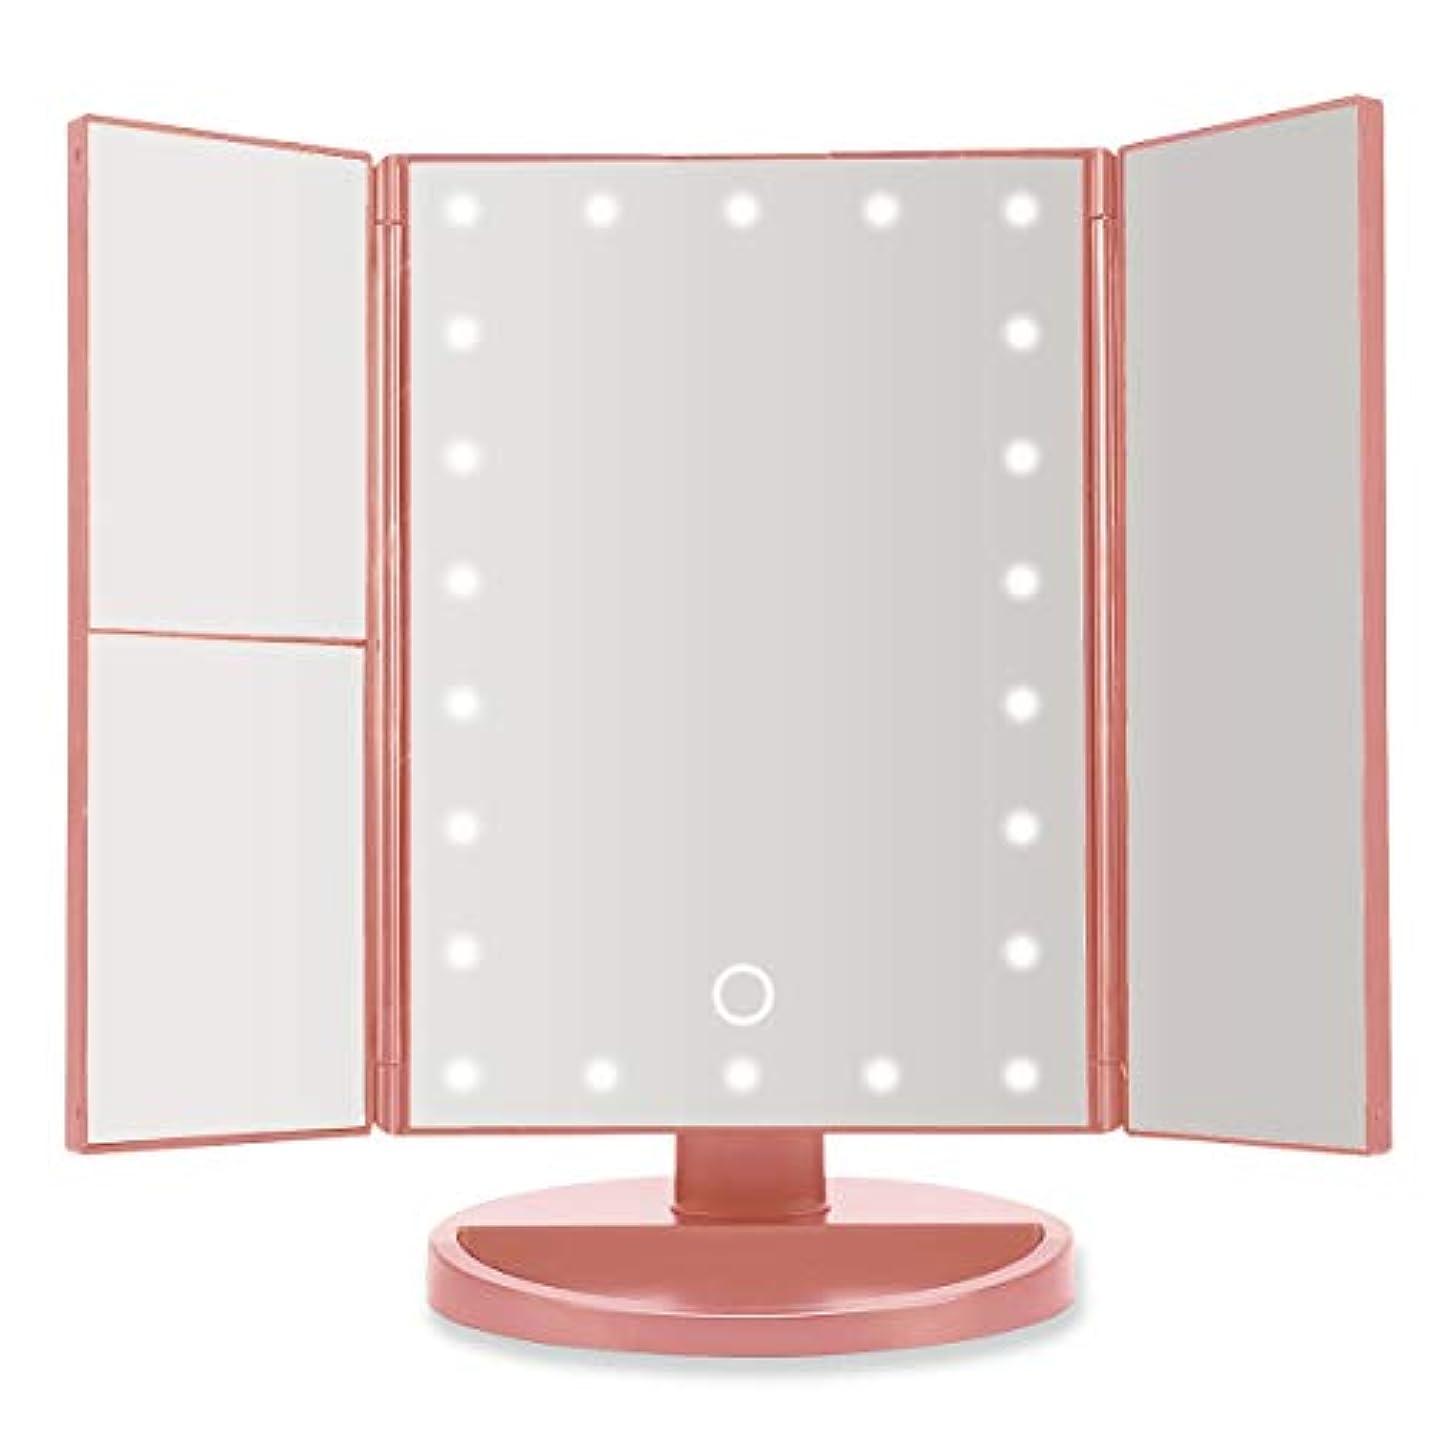 極端な例区画22LED付き3面鏡卓上女優ミラー ピンク